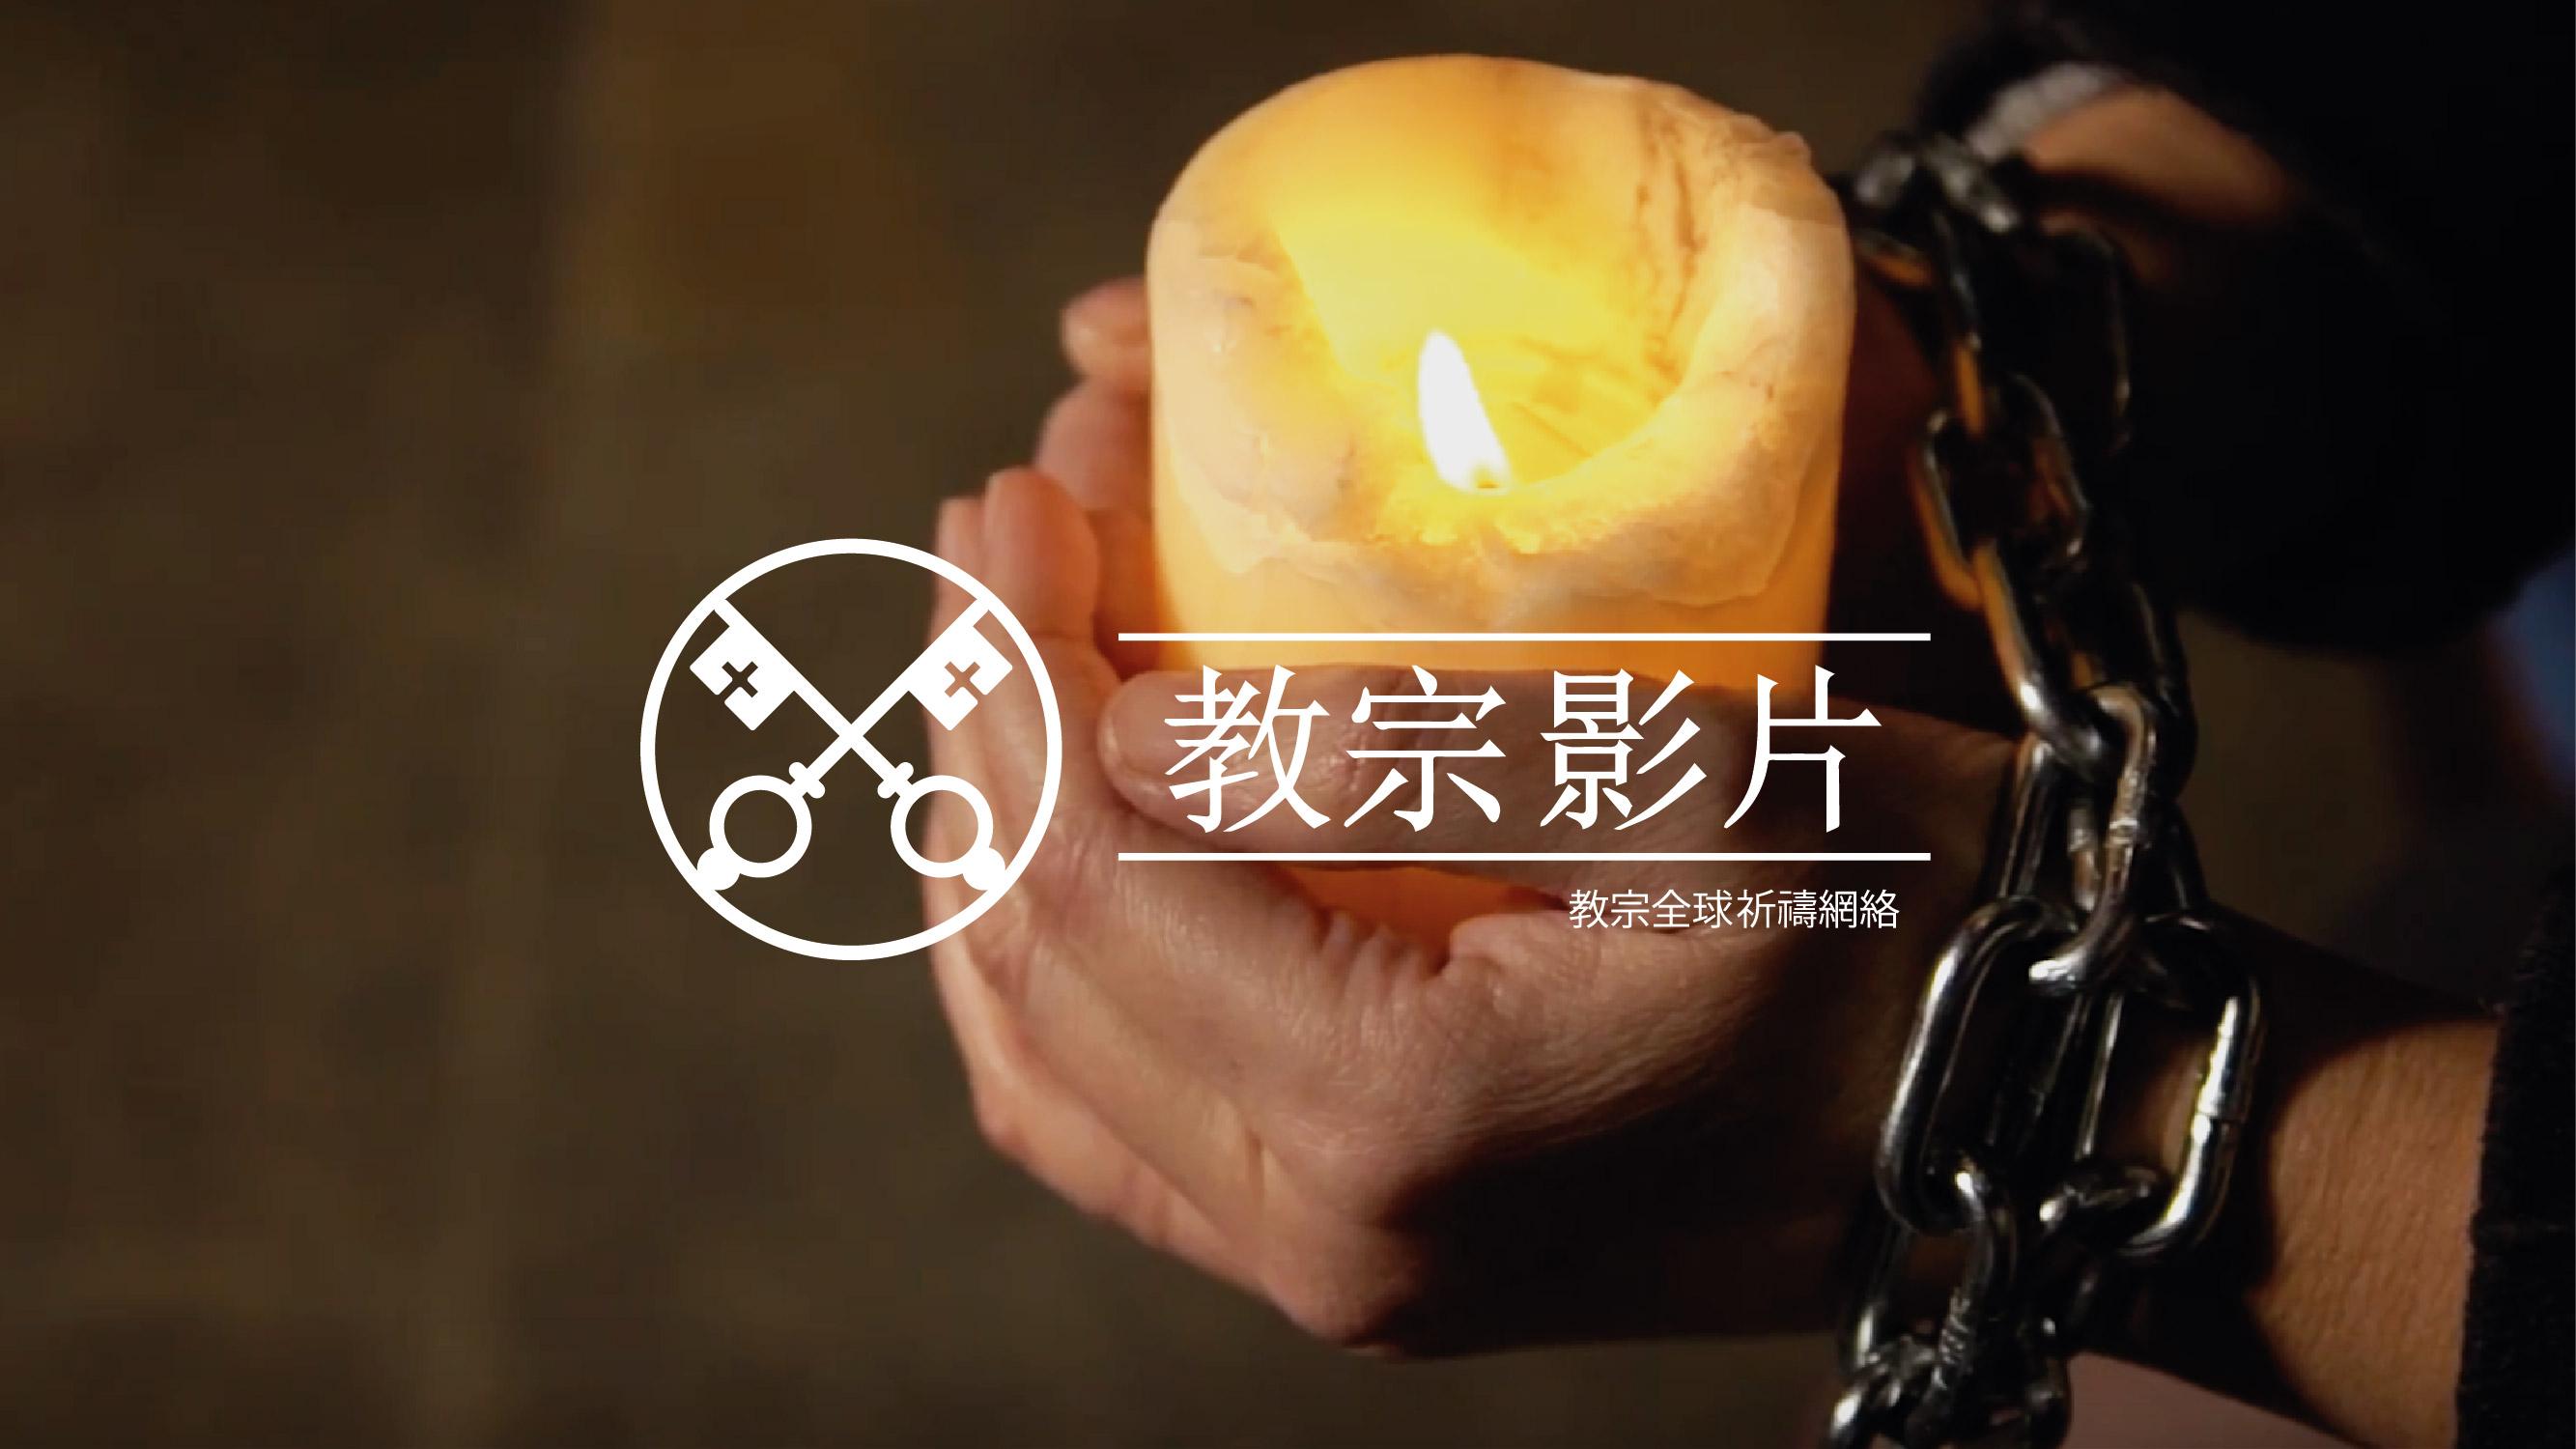 一月 : 為在亞洲的少數宗教信徒